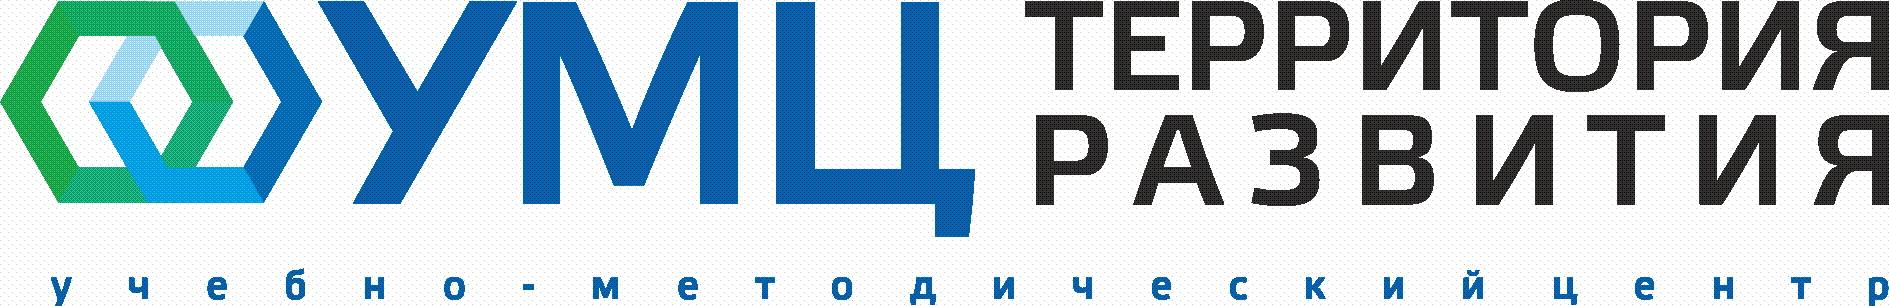 лого УМЦ